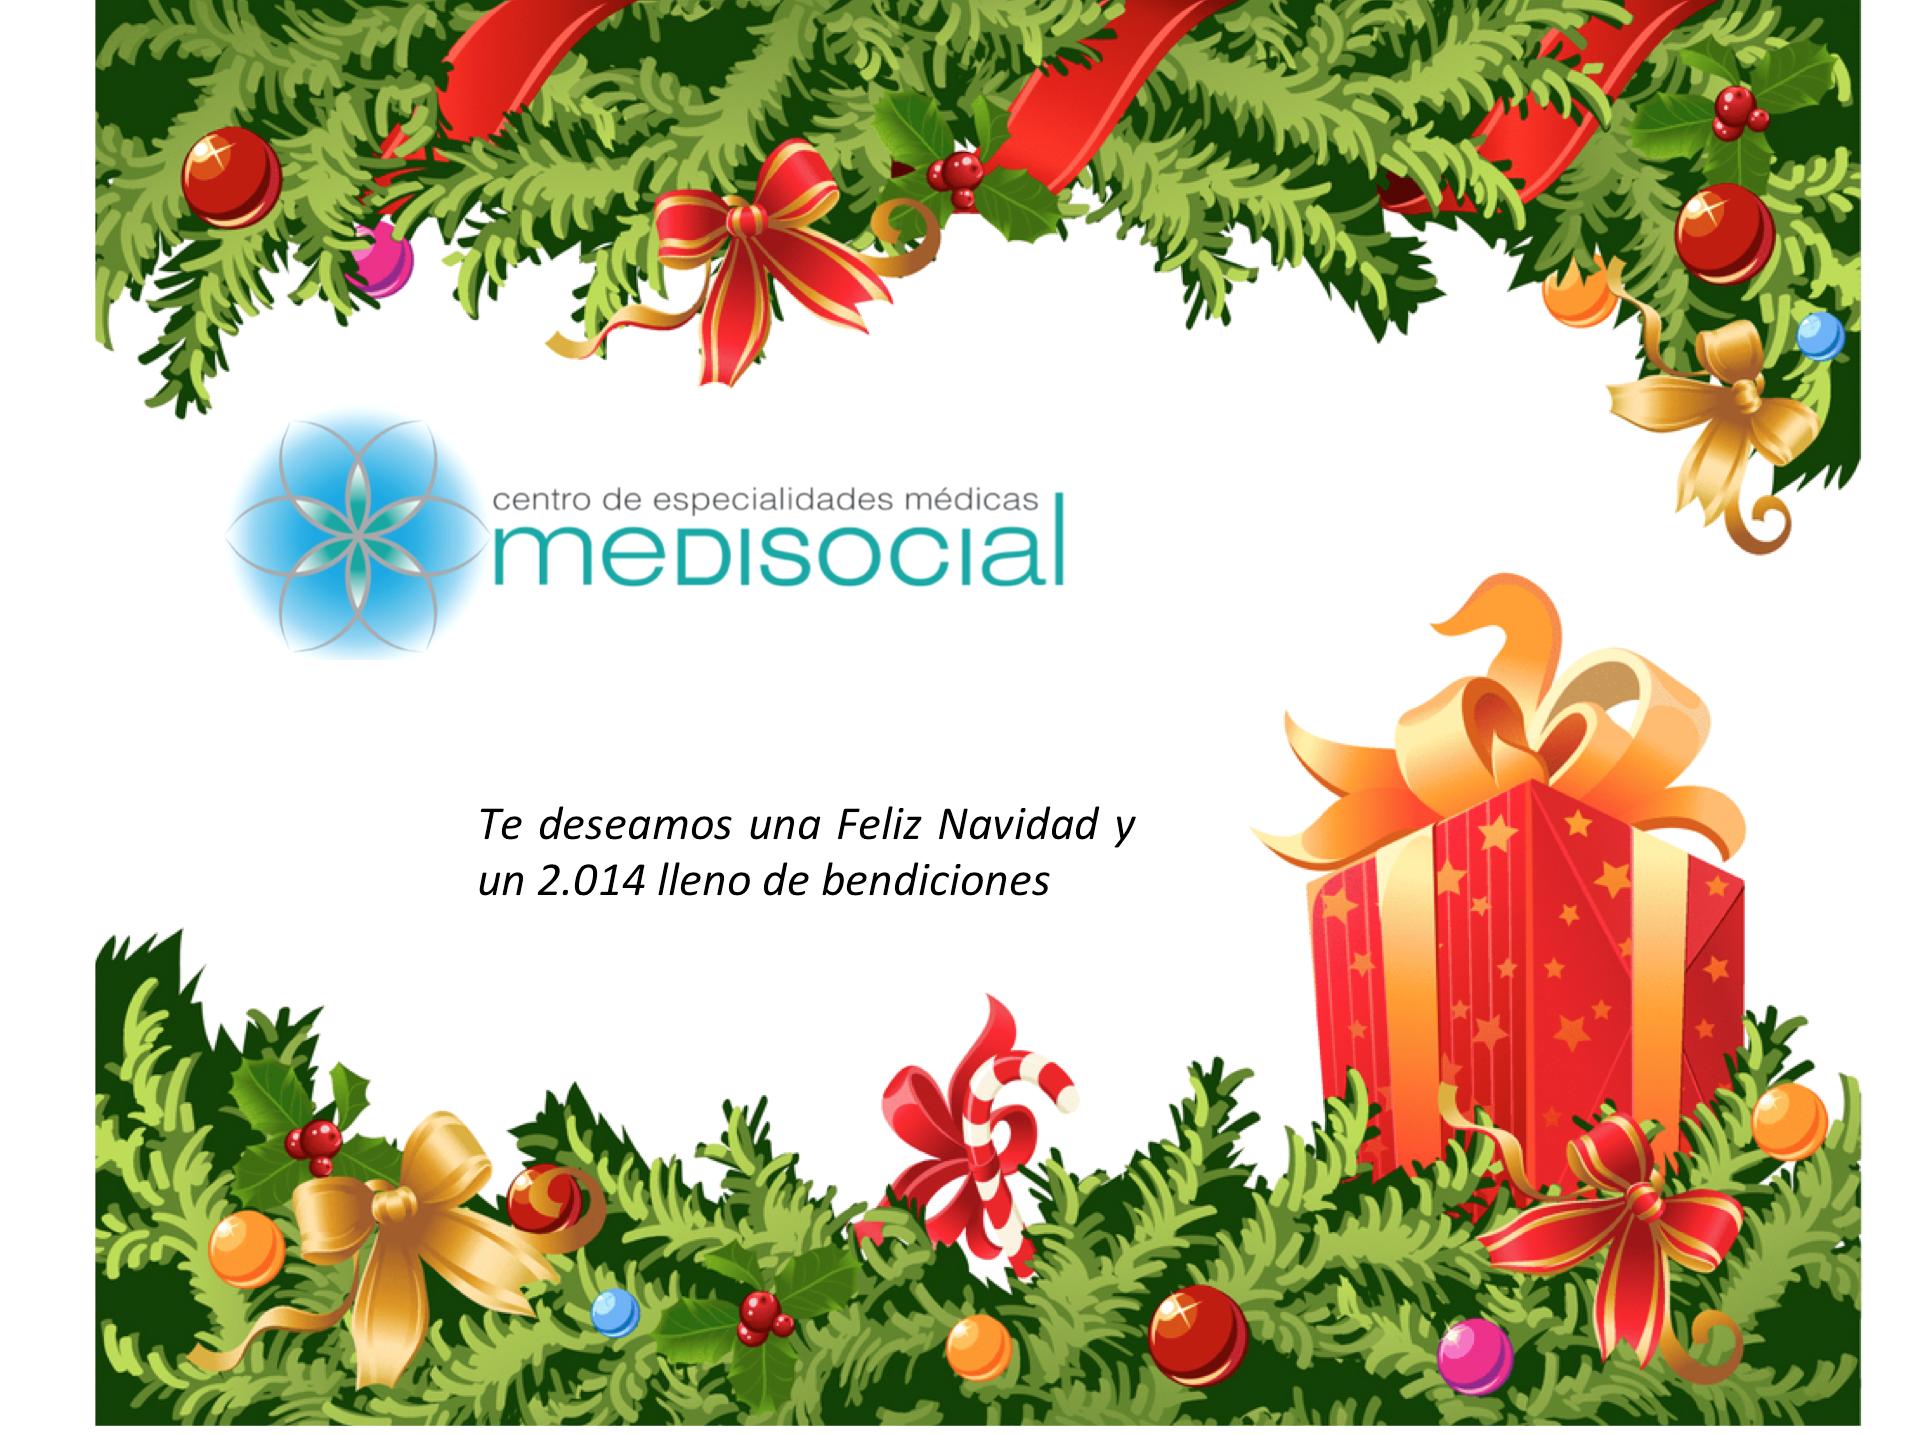 Feliz Navidad y Año Nuevo 2.014, le desea Centro de Especialidades Médicas MEDISOCIAL